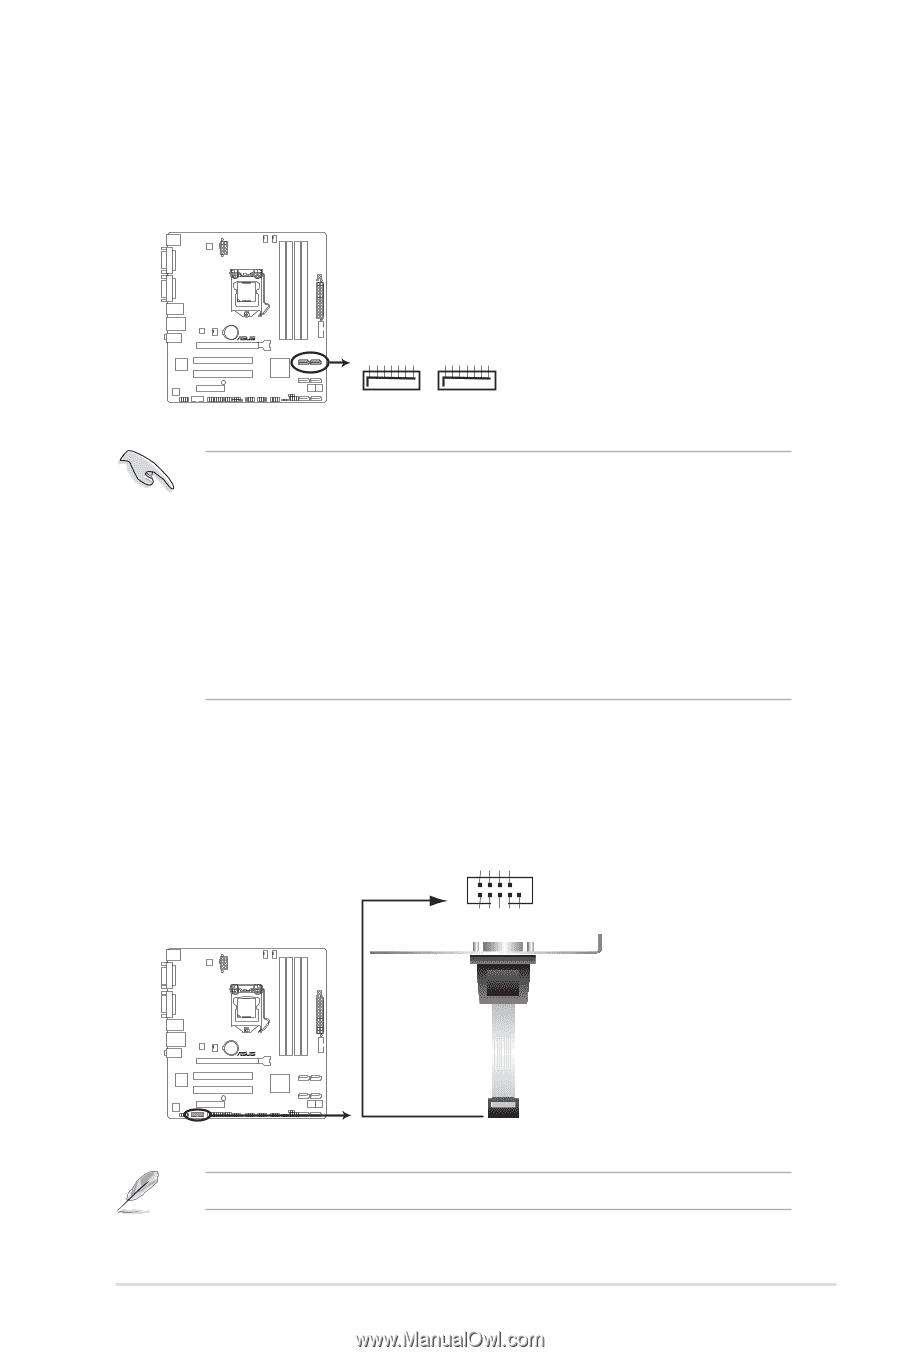 ASUS P8Q77-M BUPDATER BIOS FLASH DRIVERS UPDATE